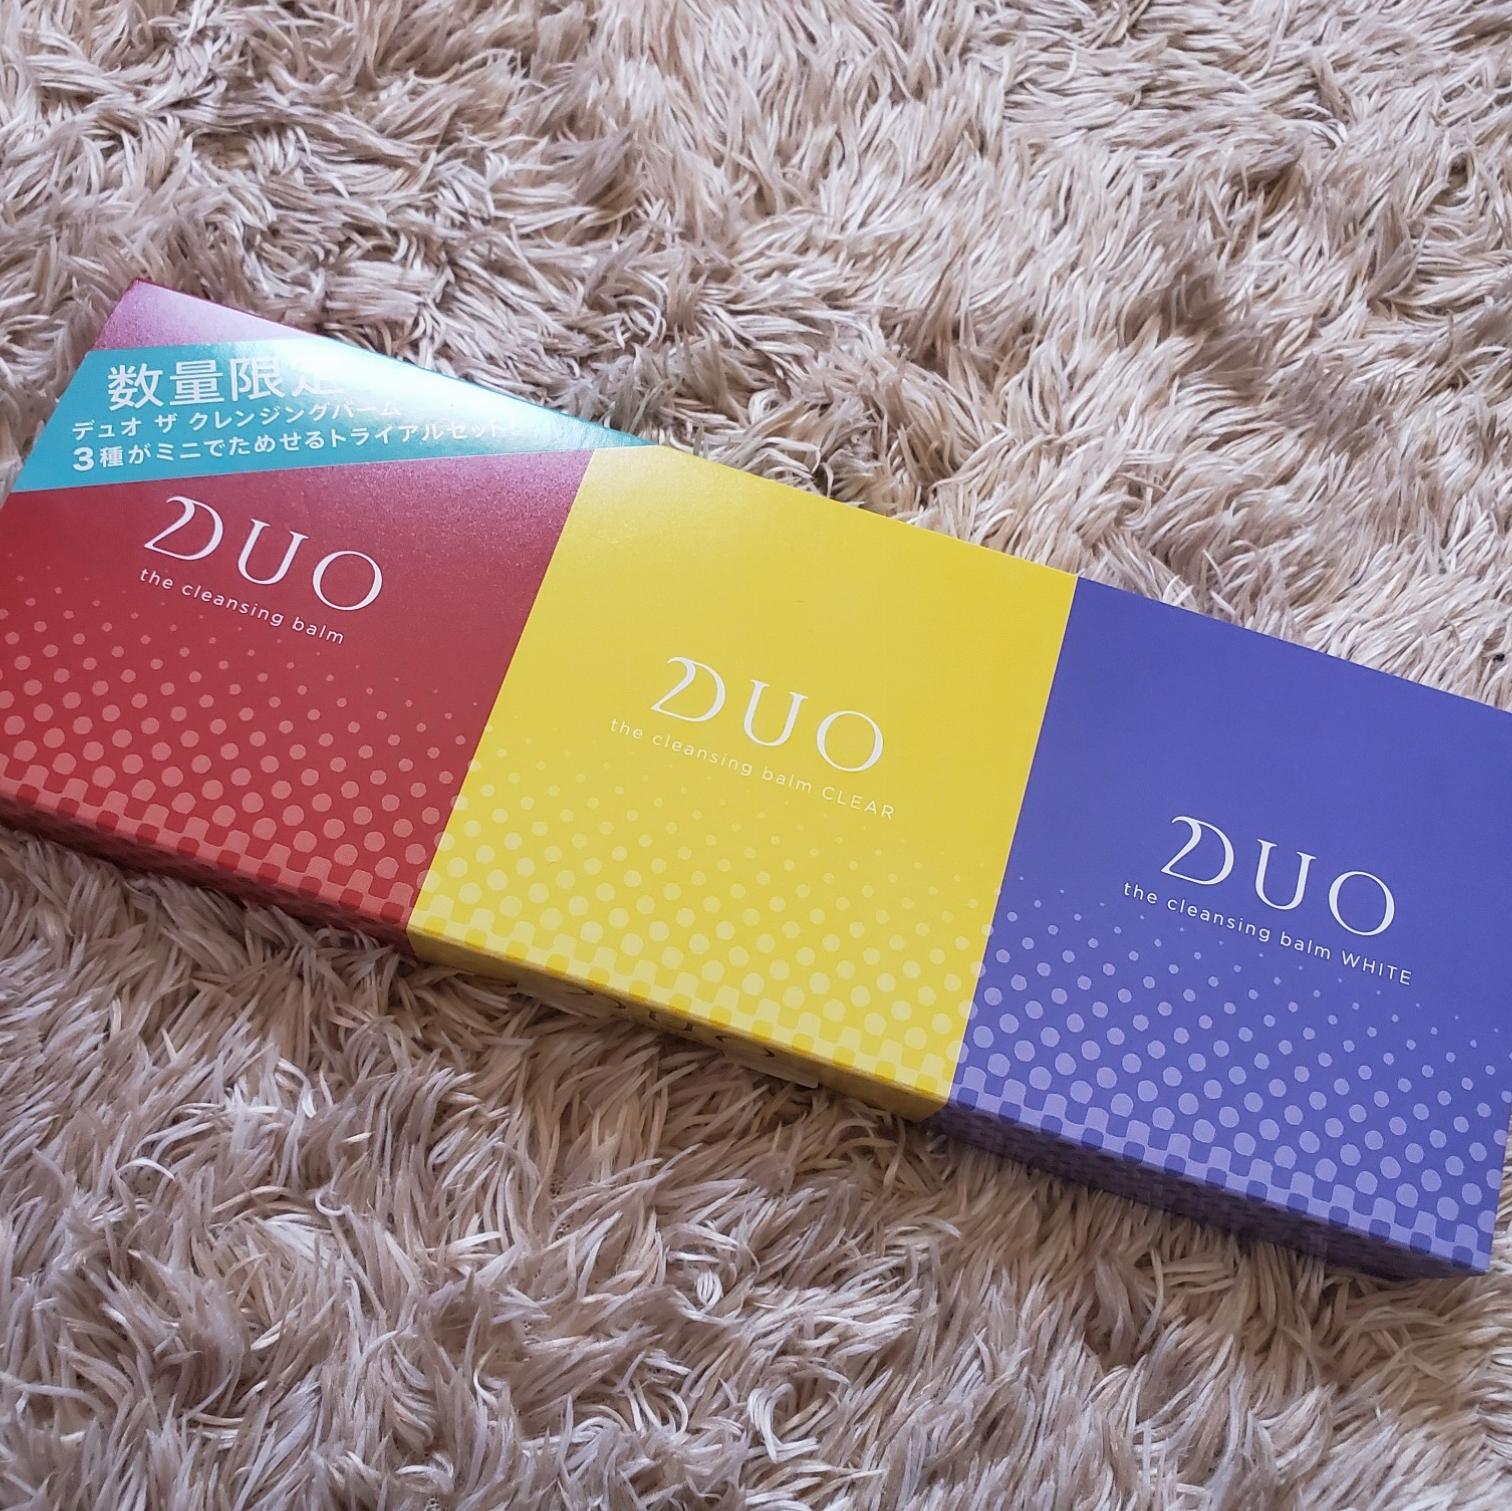 人気【DUO(デュオ)】クレンジングバームのトライアルサイズは今だけ!_2